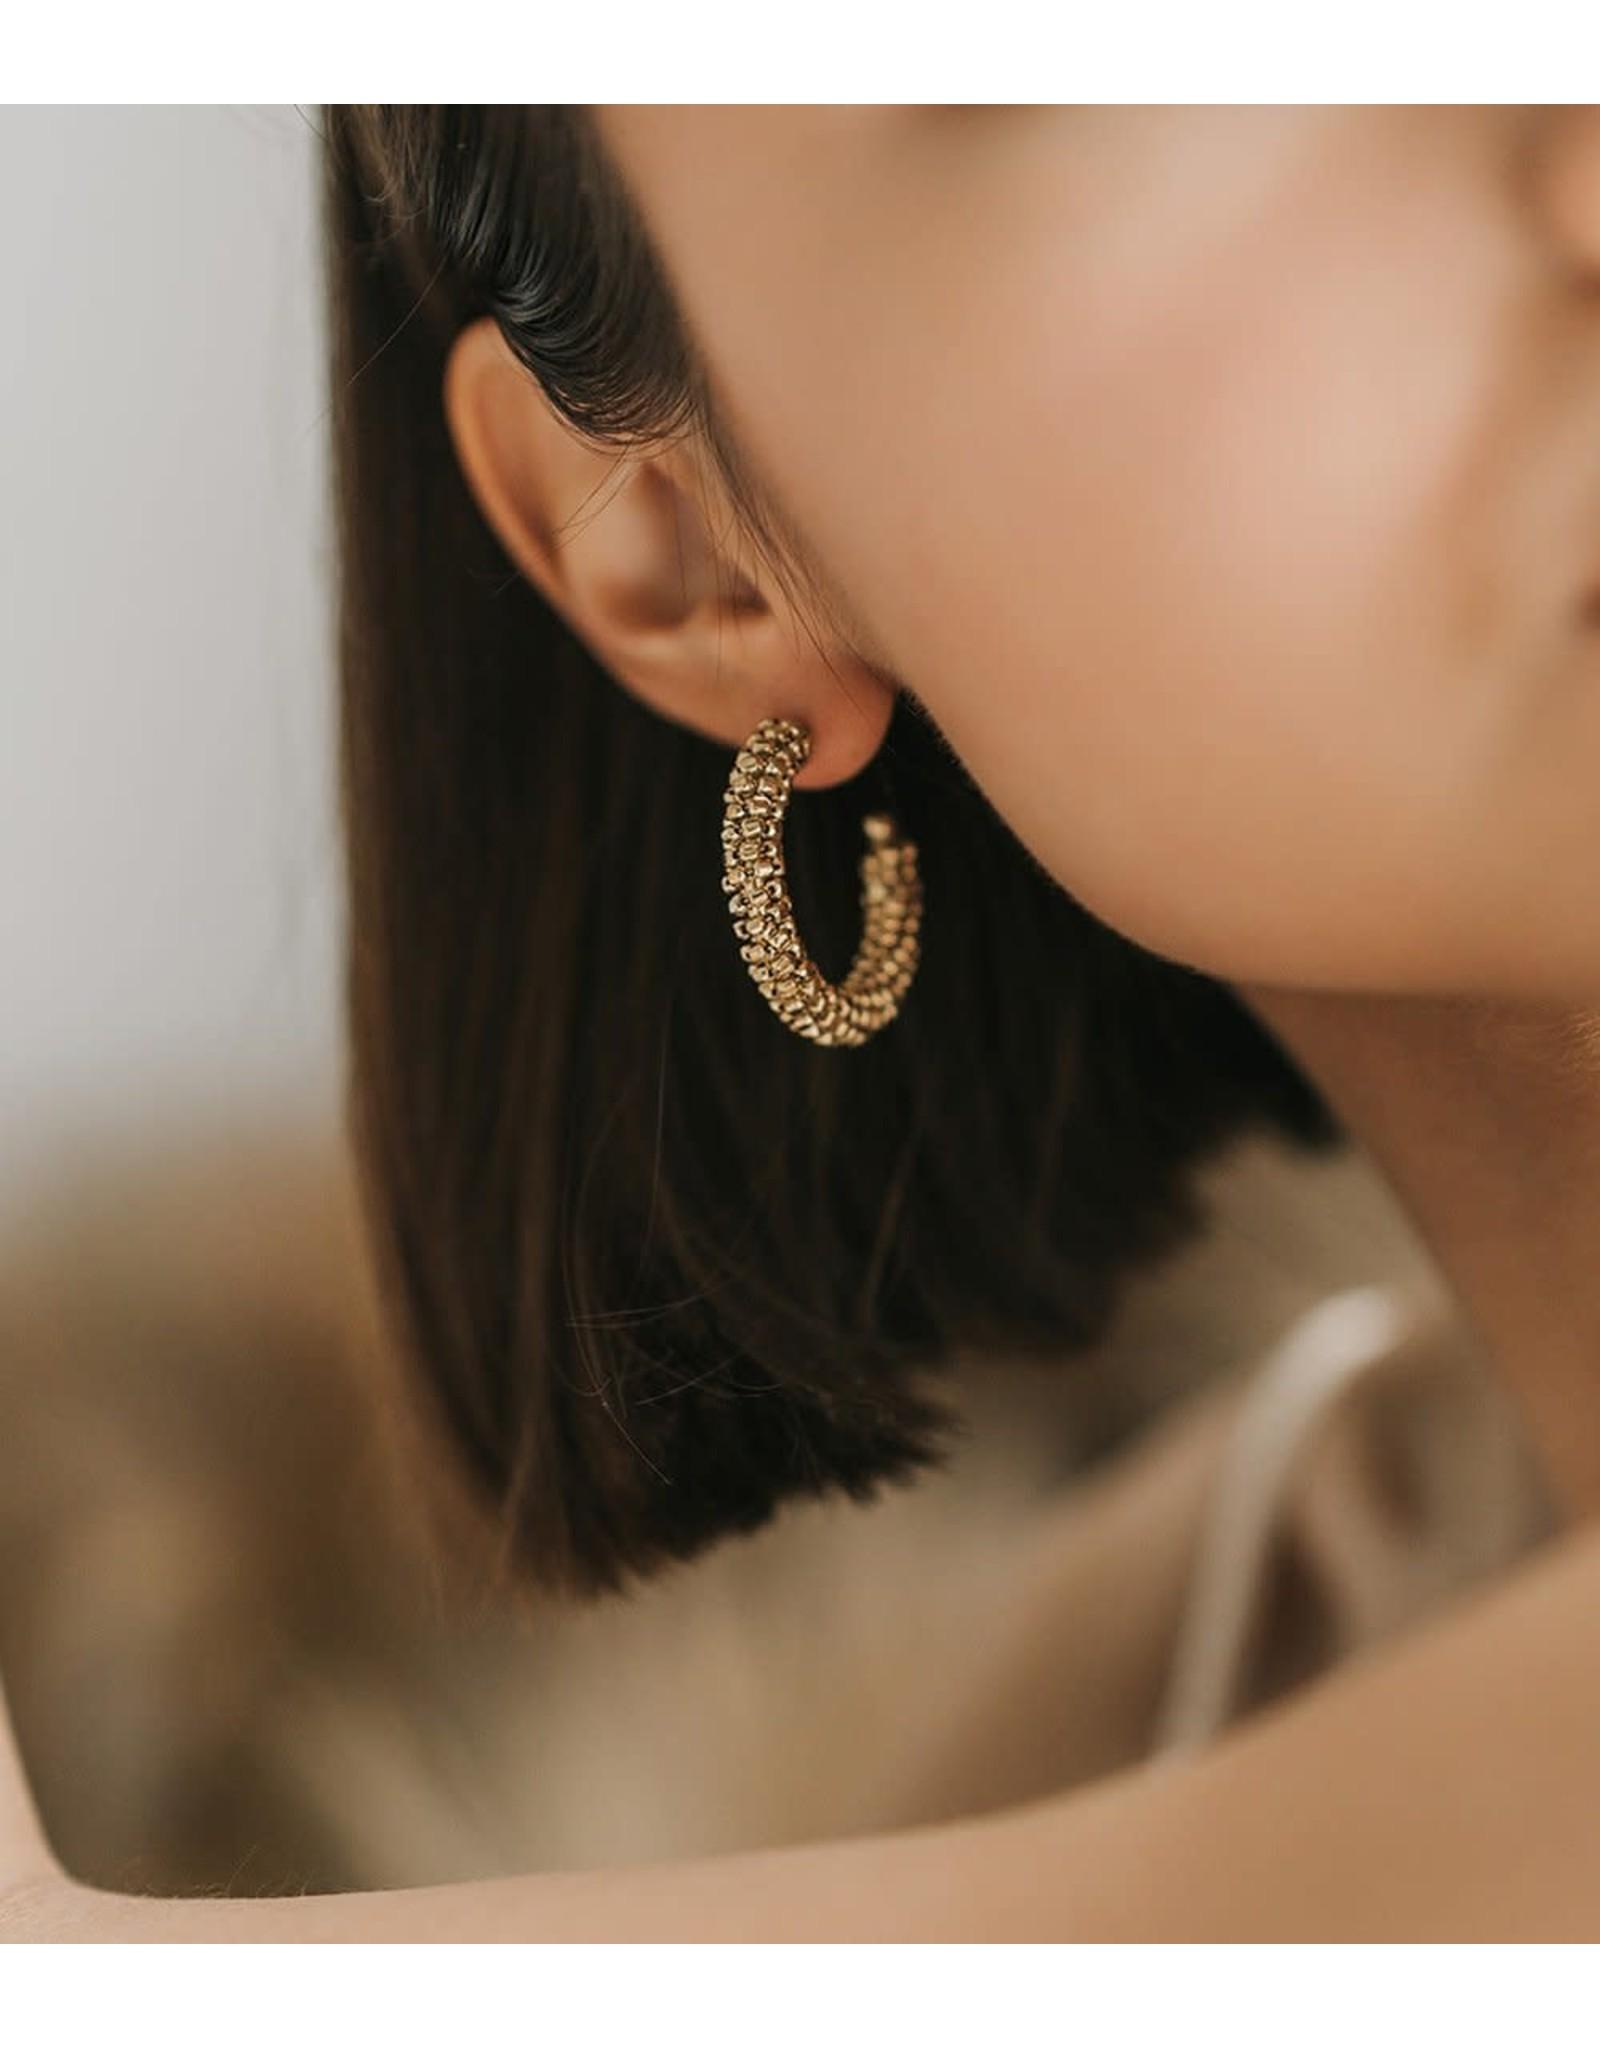 Matr Boomie Bhavani Stud Hoop Earrings, India